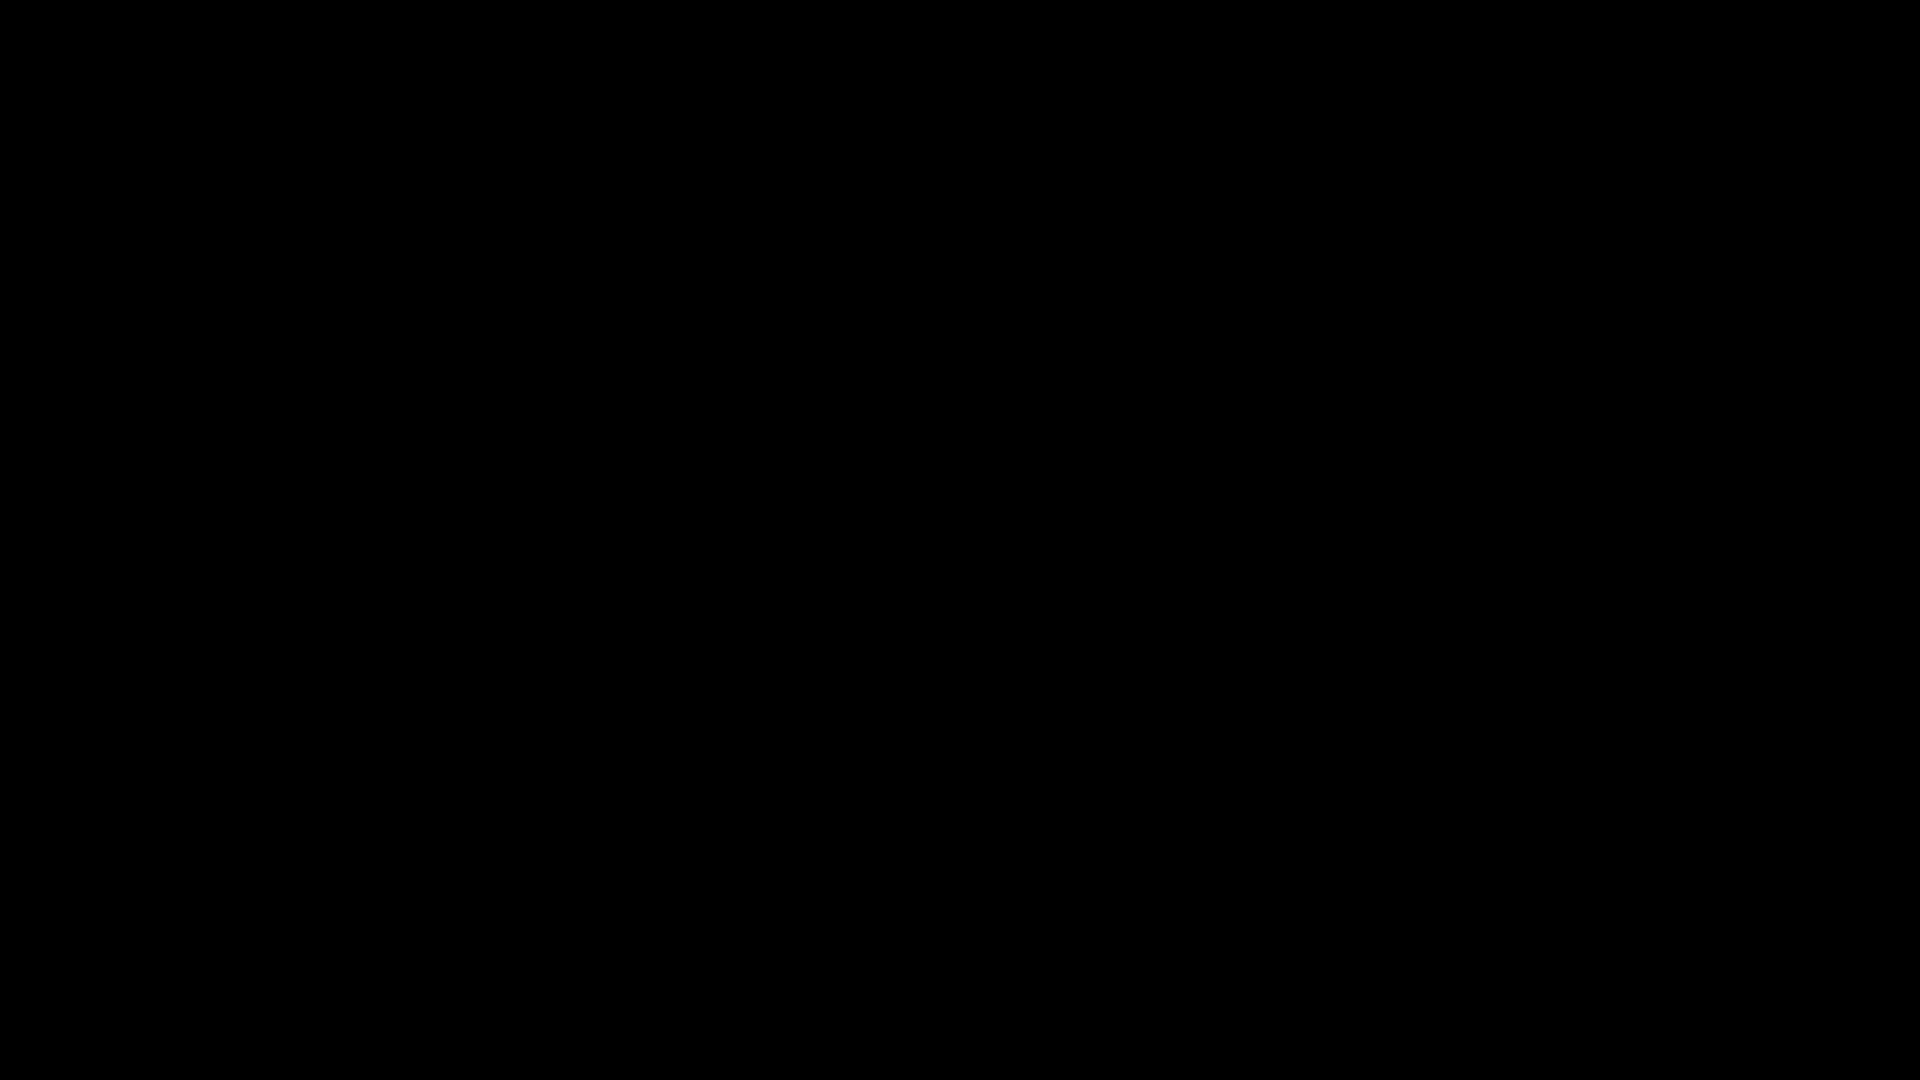 ACM_web_1920.png